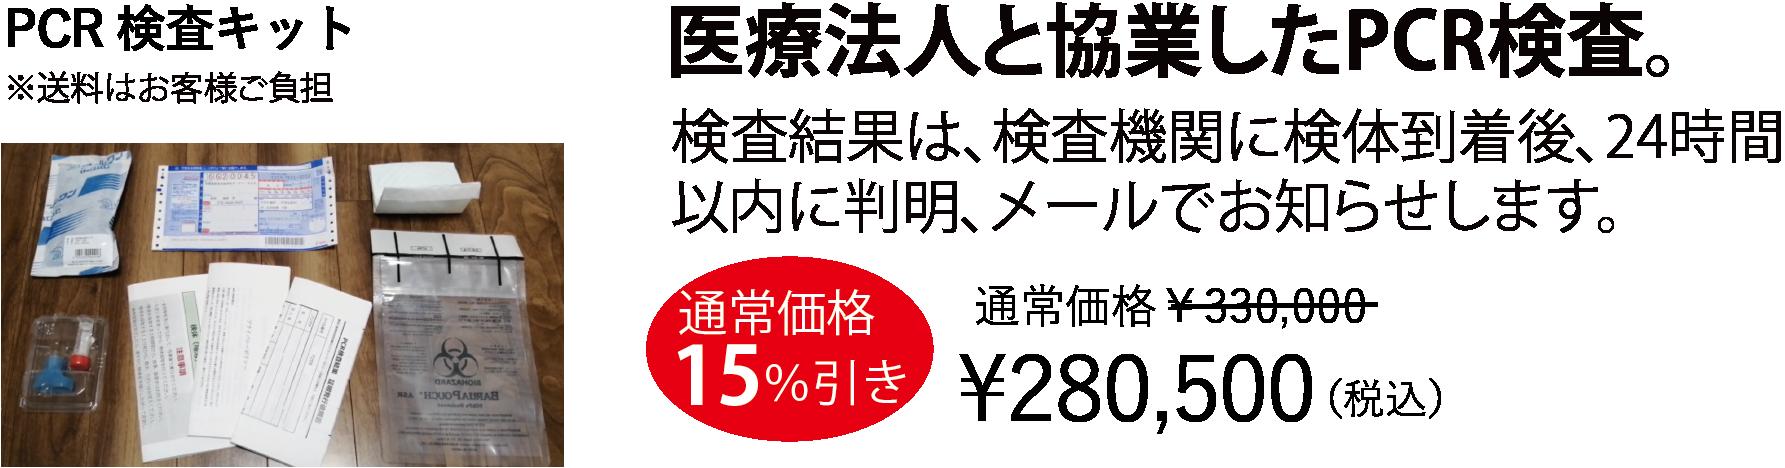 クイックPCR検査 結婚式場向け20名様パック280,500円(税込)